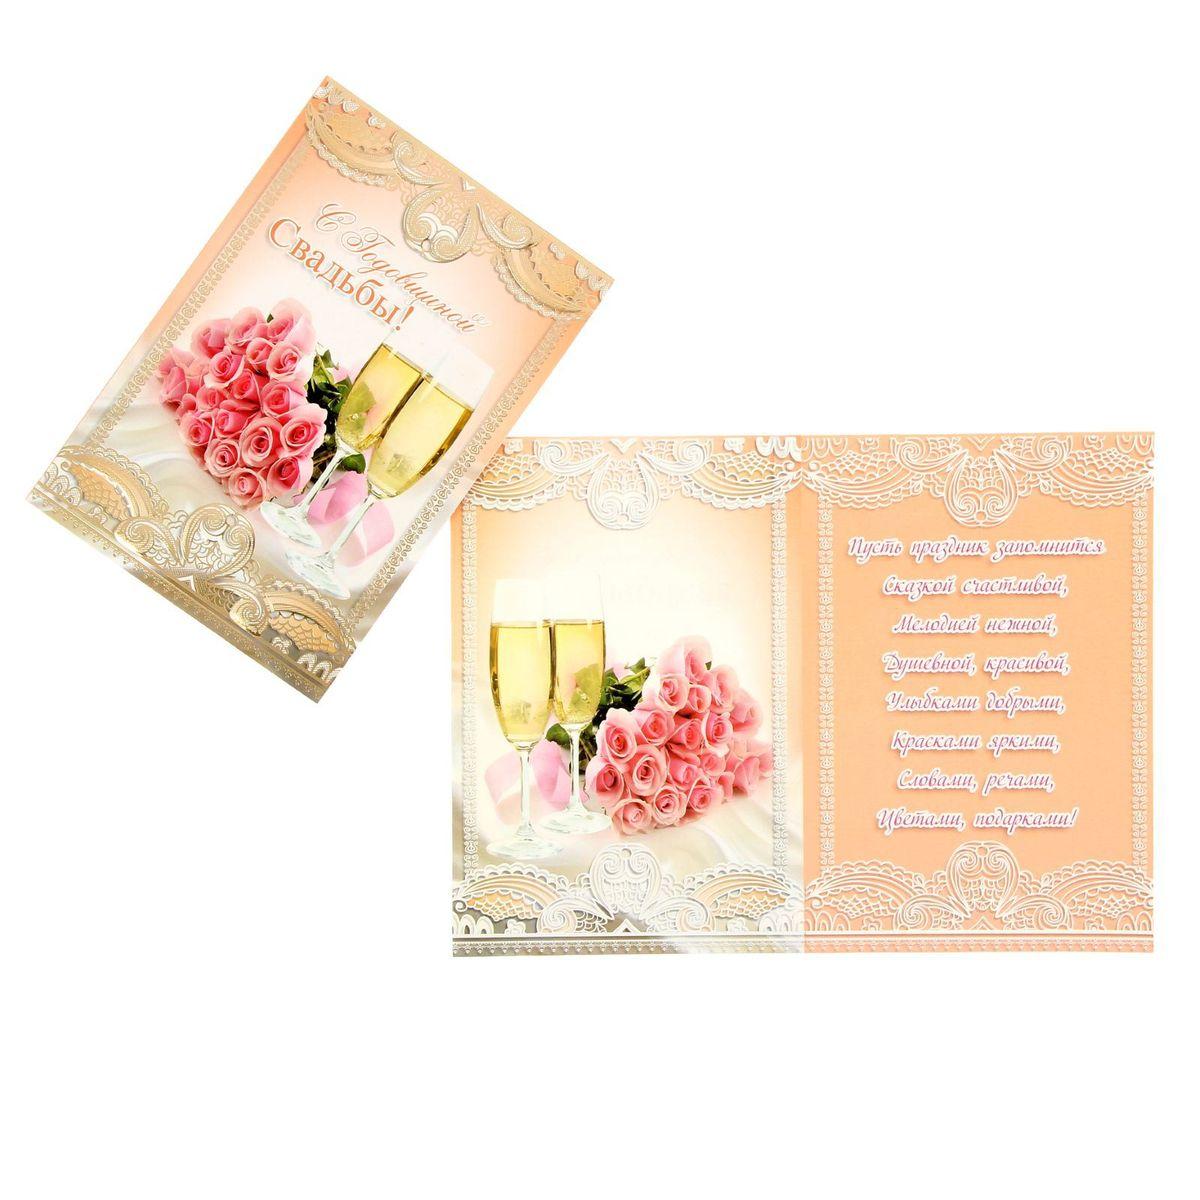 Открытка Sima-land С годовщиной свадьбы! Бокалы и розы1220007Если вы хотите порадовать себя или близких, создать праздничное настроение и с улыбкой провести памятный день, то вы, несомненно, сделали правильный выбор! Открытка Sima-land С годовщиной свадьбы! Бокалы и розы, выполненная из плотной бумаги, отличается не только оригинальным дизайном, но и высоким качеством.Лицевая сторона изделия оформлена ярким изображением. Внутри открытка содержит текст с поздравлением.Такая открытка непременно порадует получателя и станет отличным напоминанием о проведенном вместе времени.